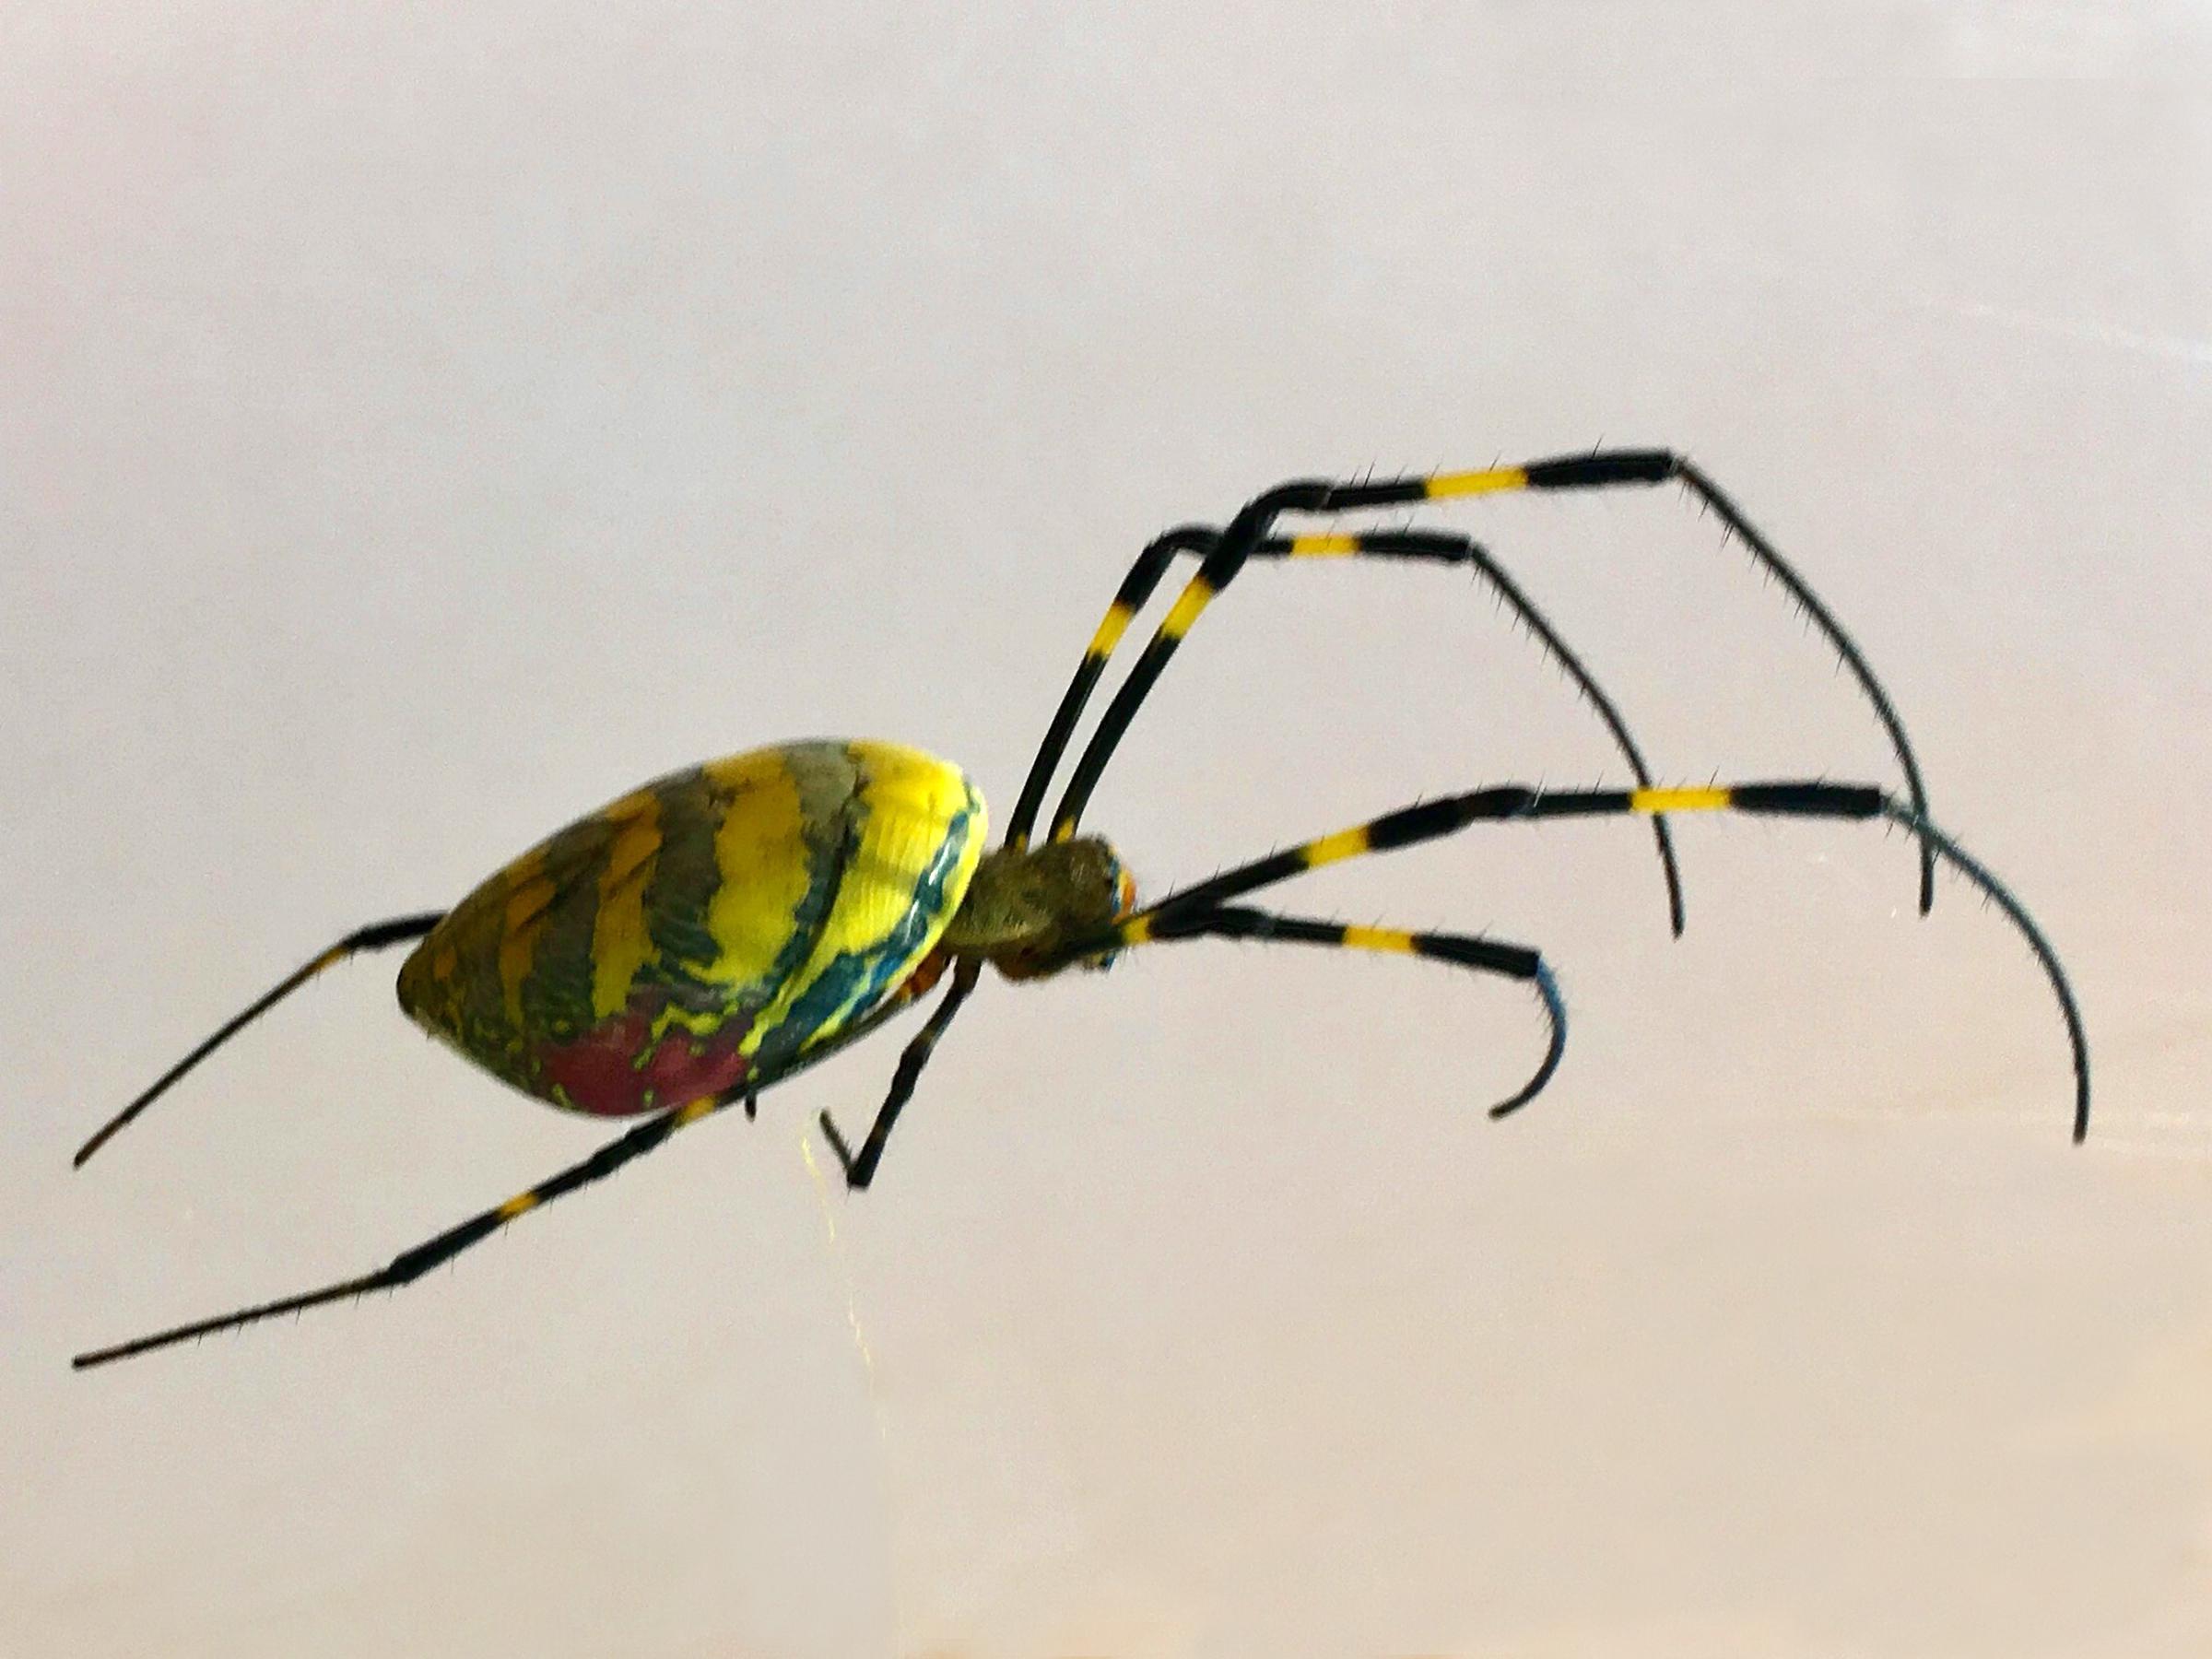 A Joro spider found in Hoschton, Georgia in 2018.